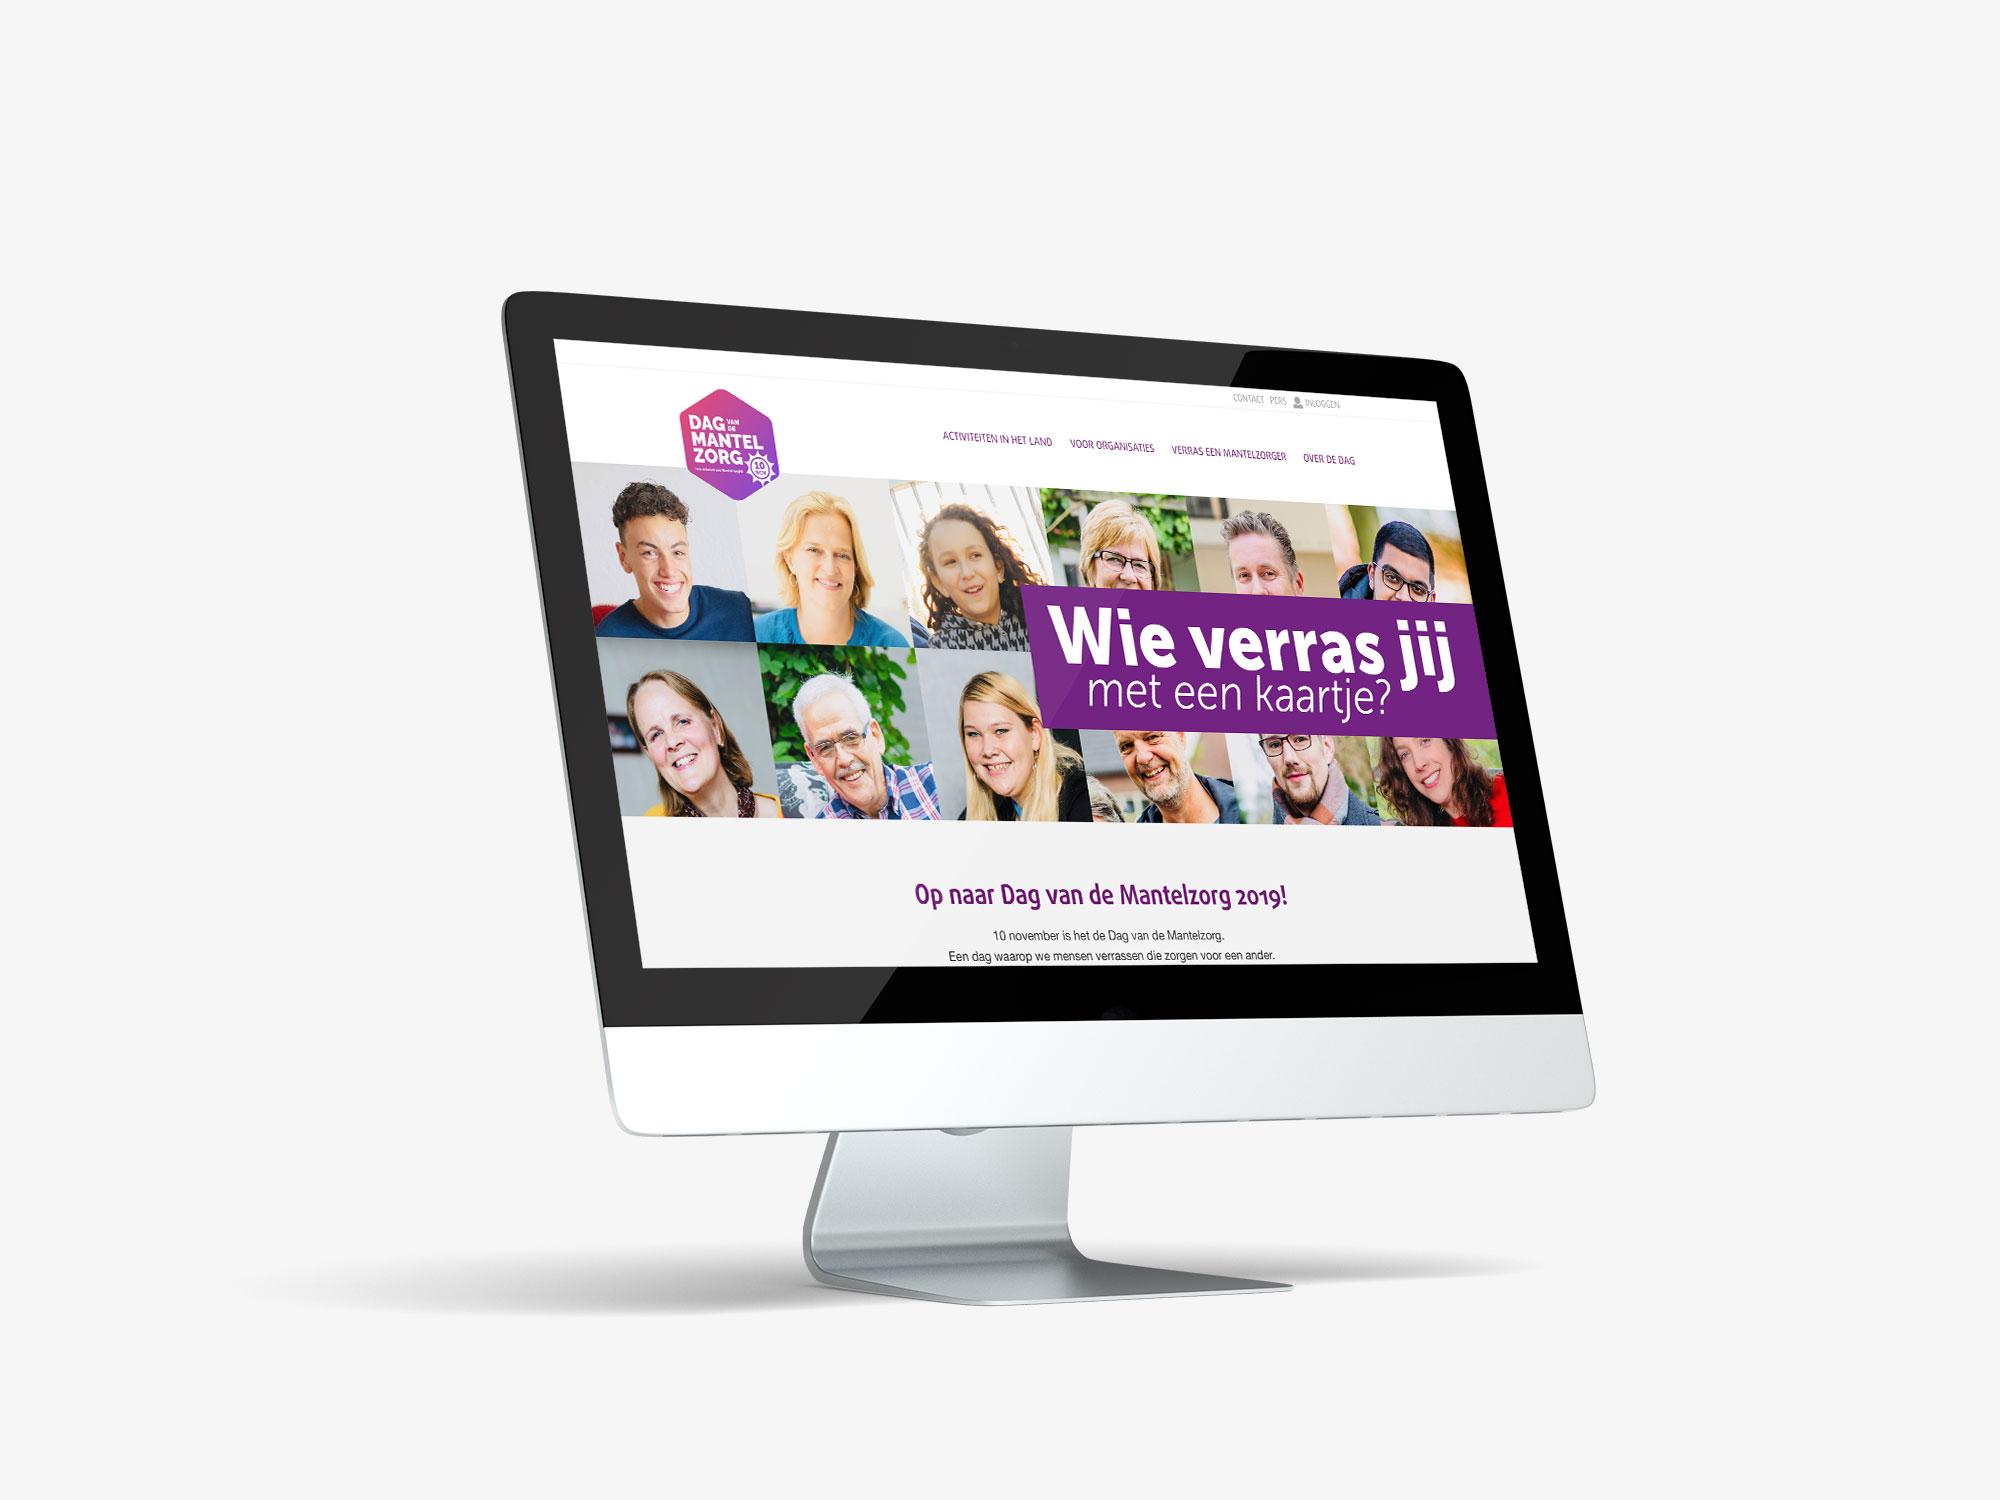 ontwerp website Dag van de mantelzorg 2019